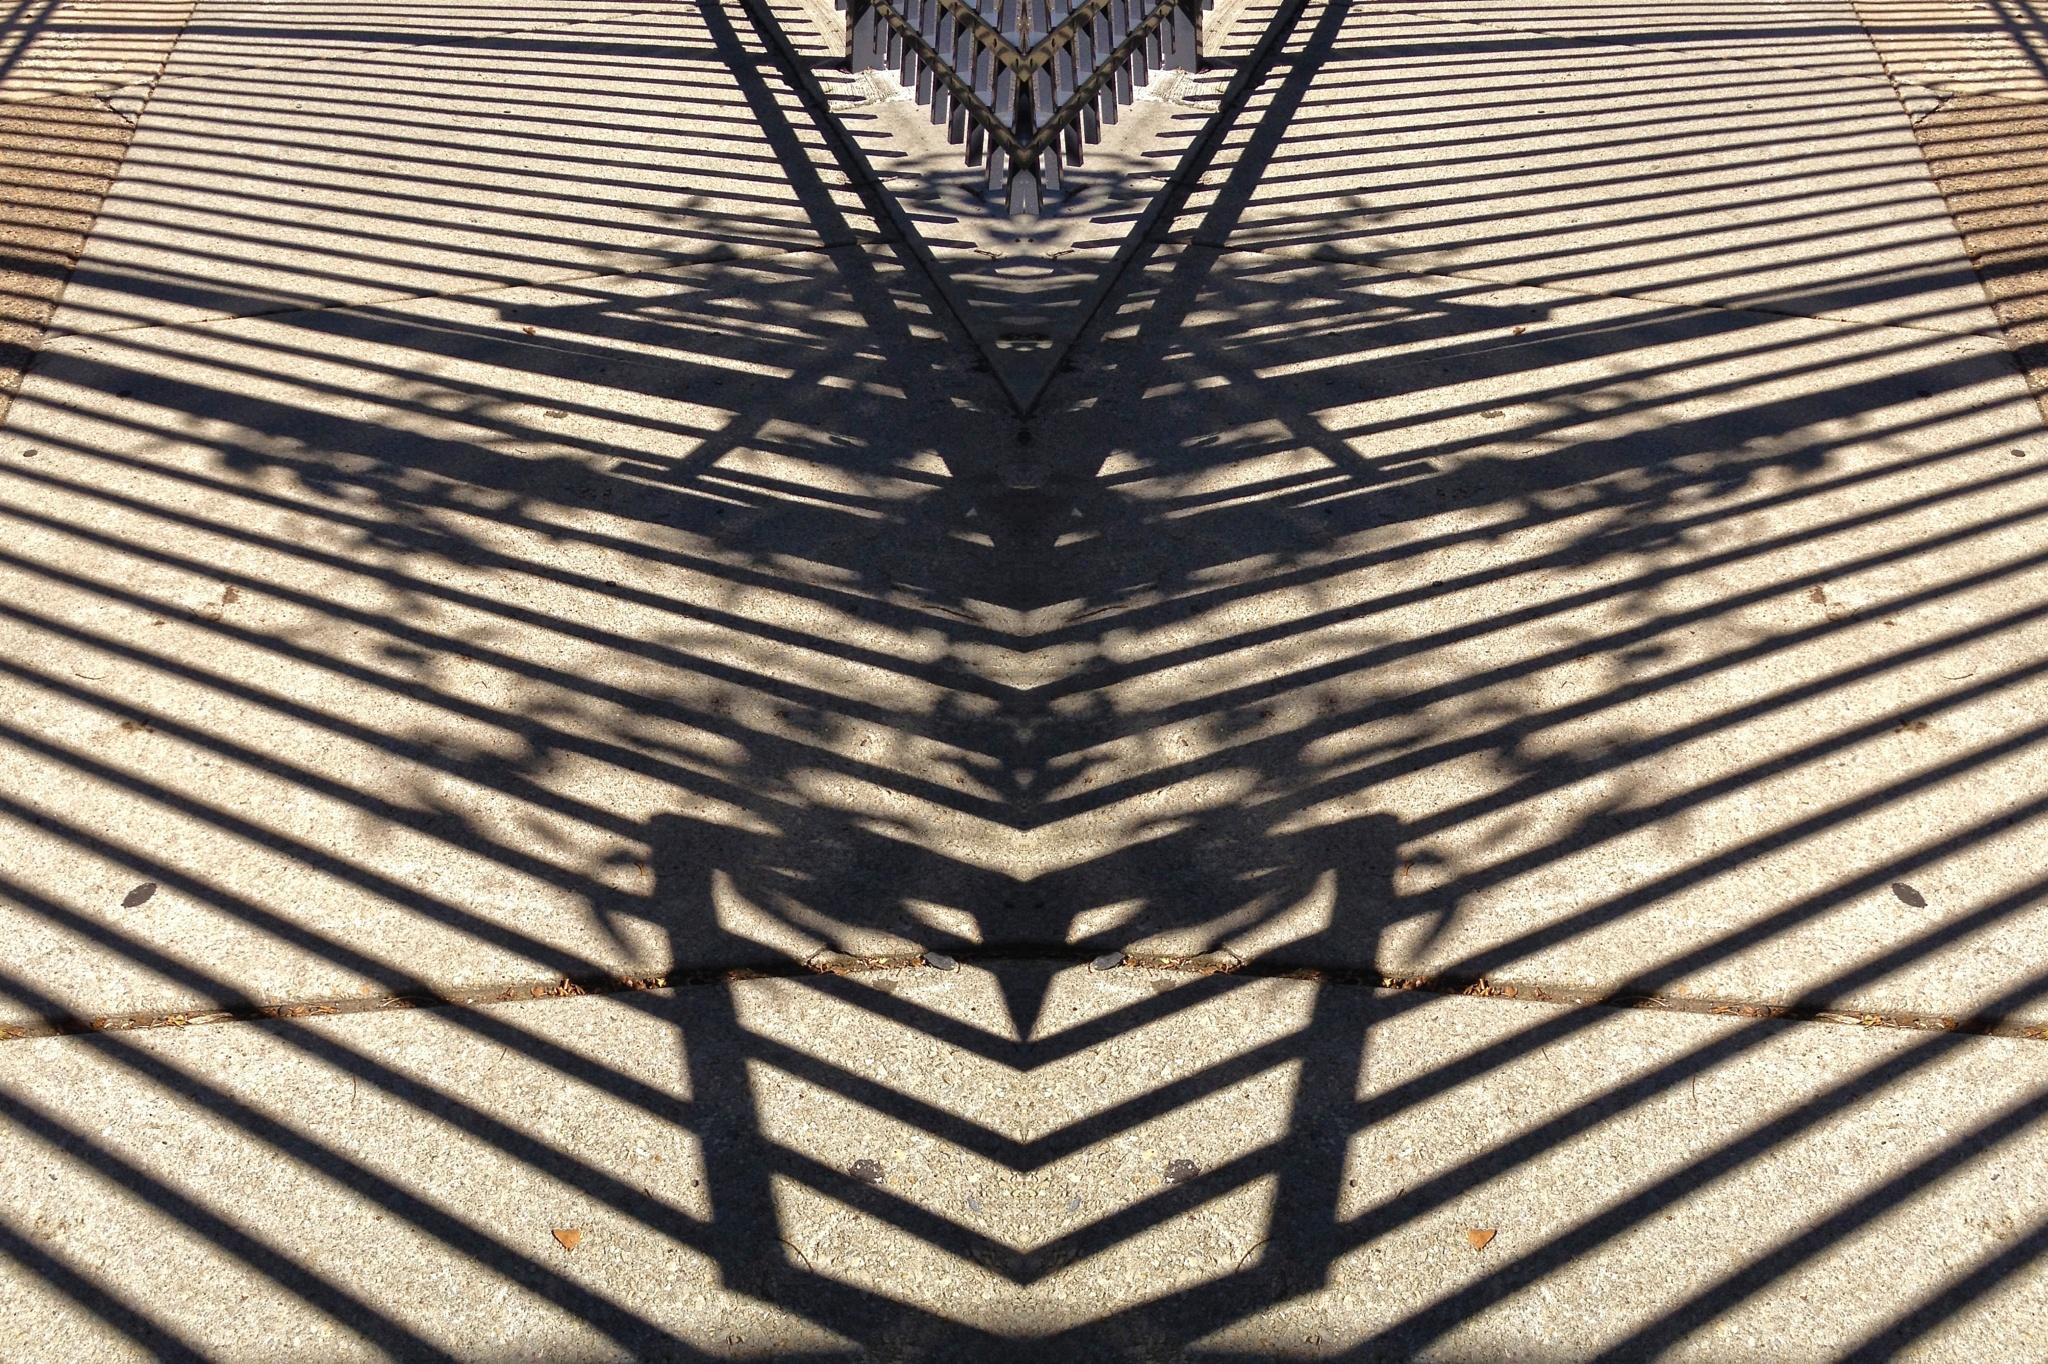 Sidewalk shadows by warriston